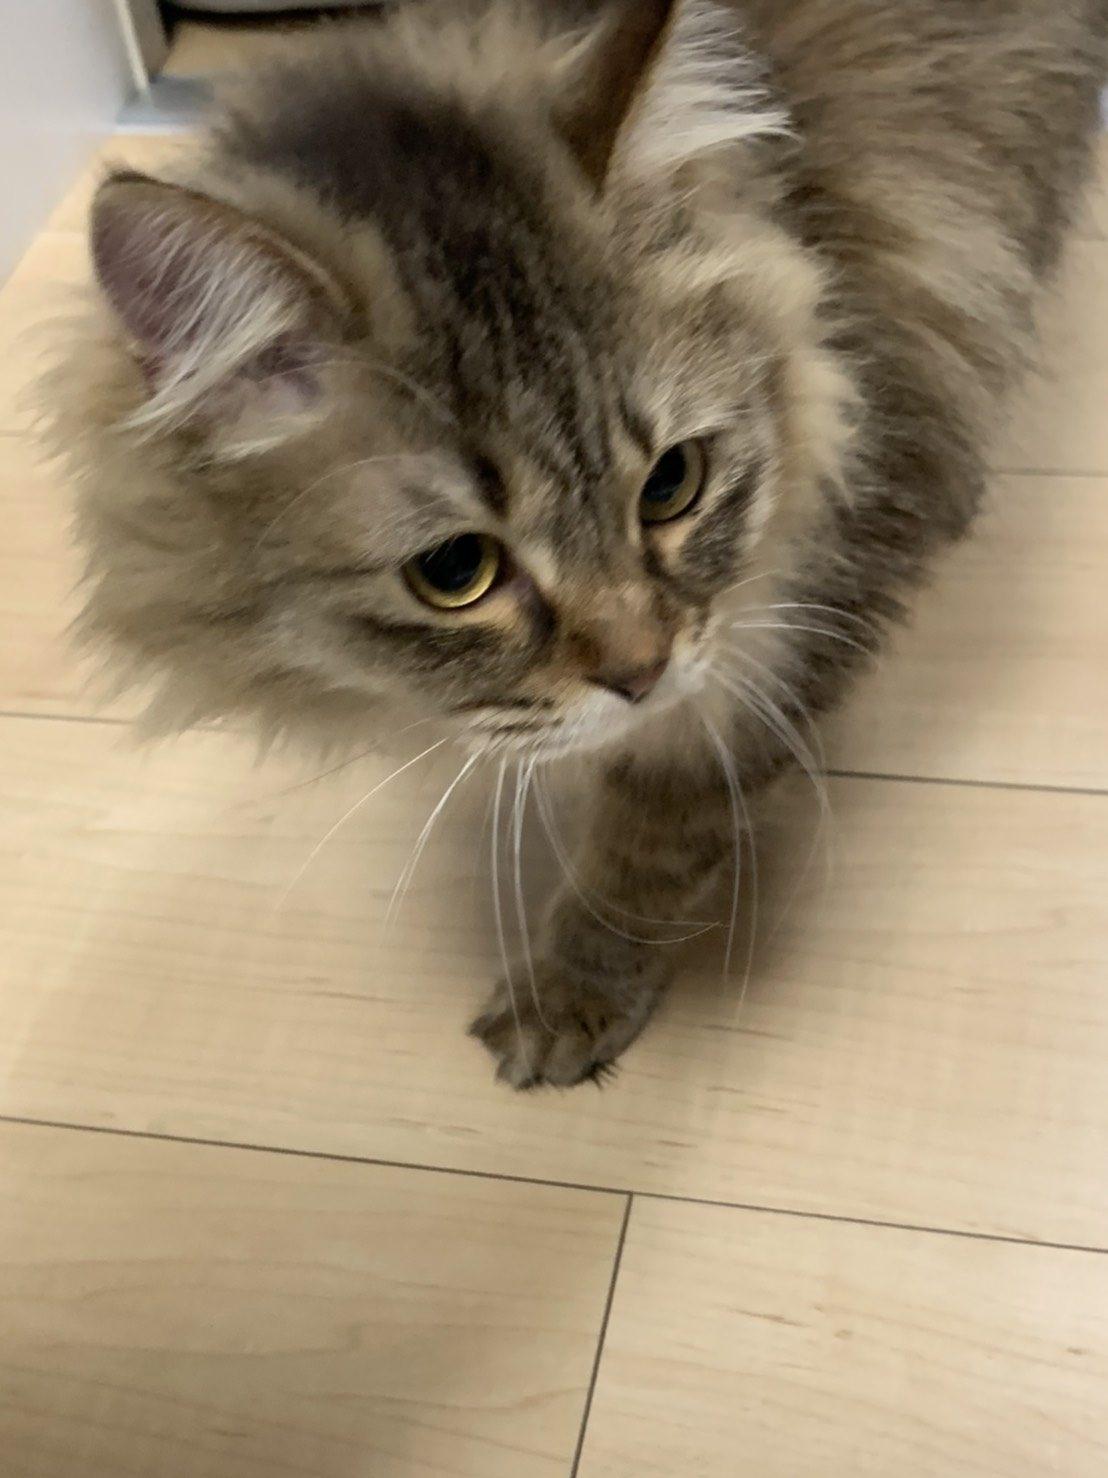 トライアル初日の元保護猫もふ(里親さんのお宅にて)